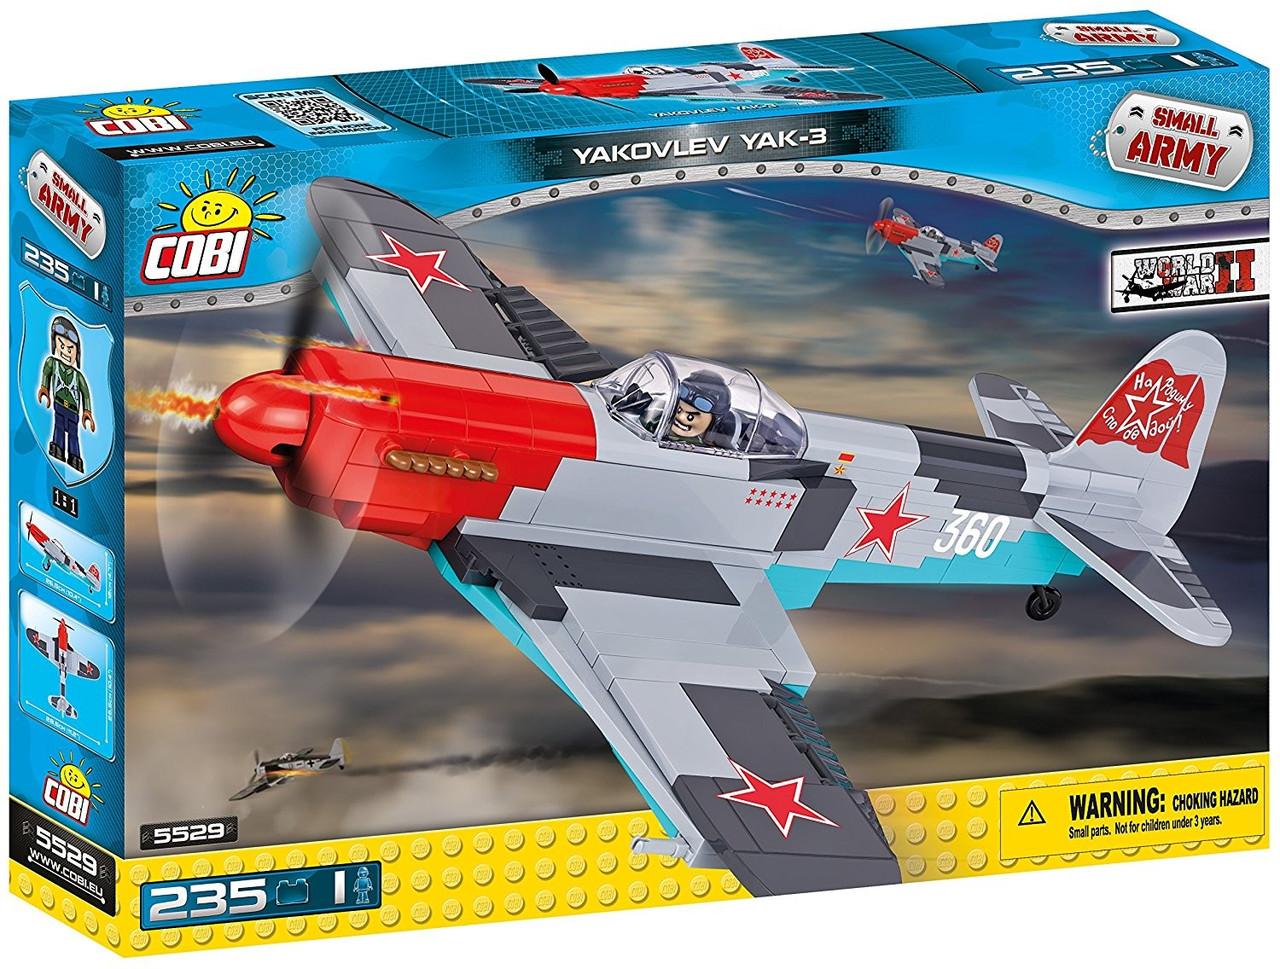 Конструктор Cobi Вторая Мировая Война Самолет Як-3 235 деталей (COBI-5529) (5902251055295)